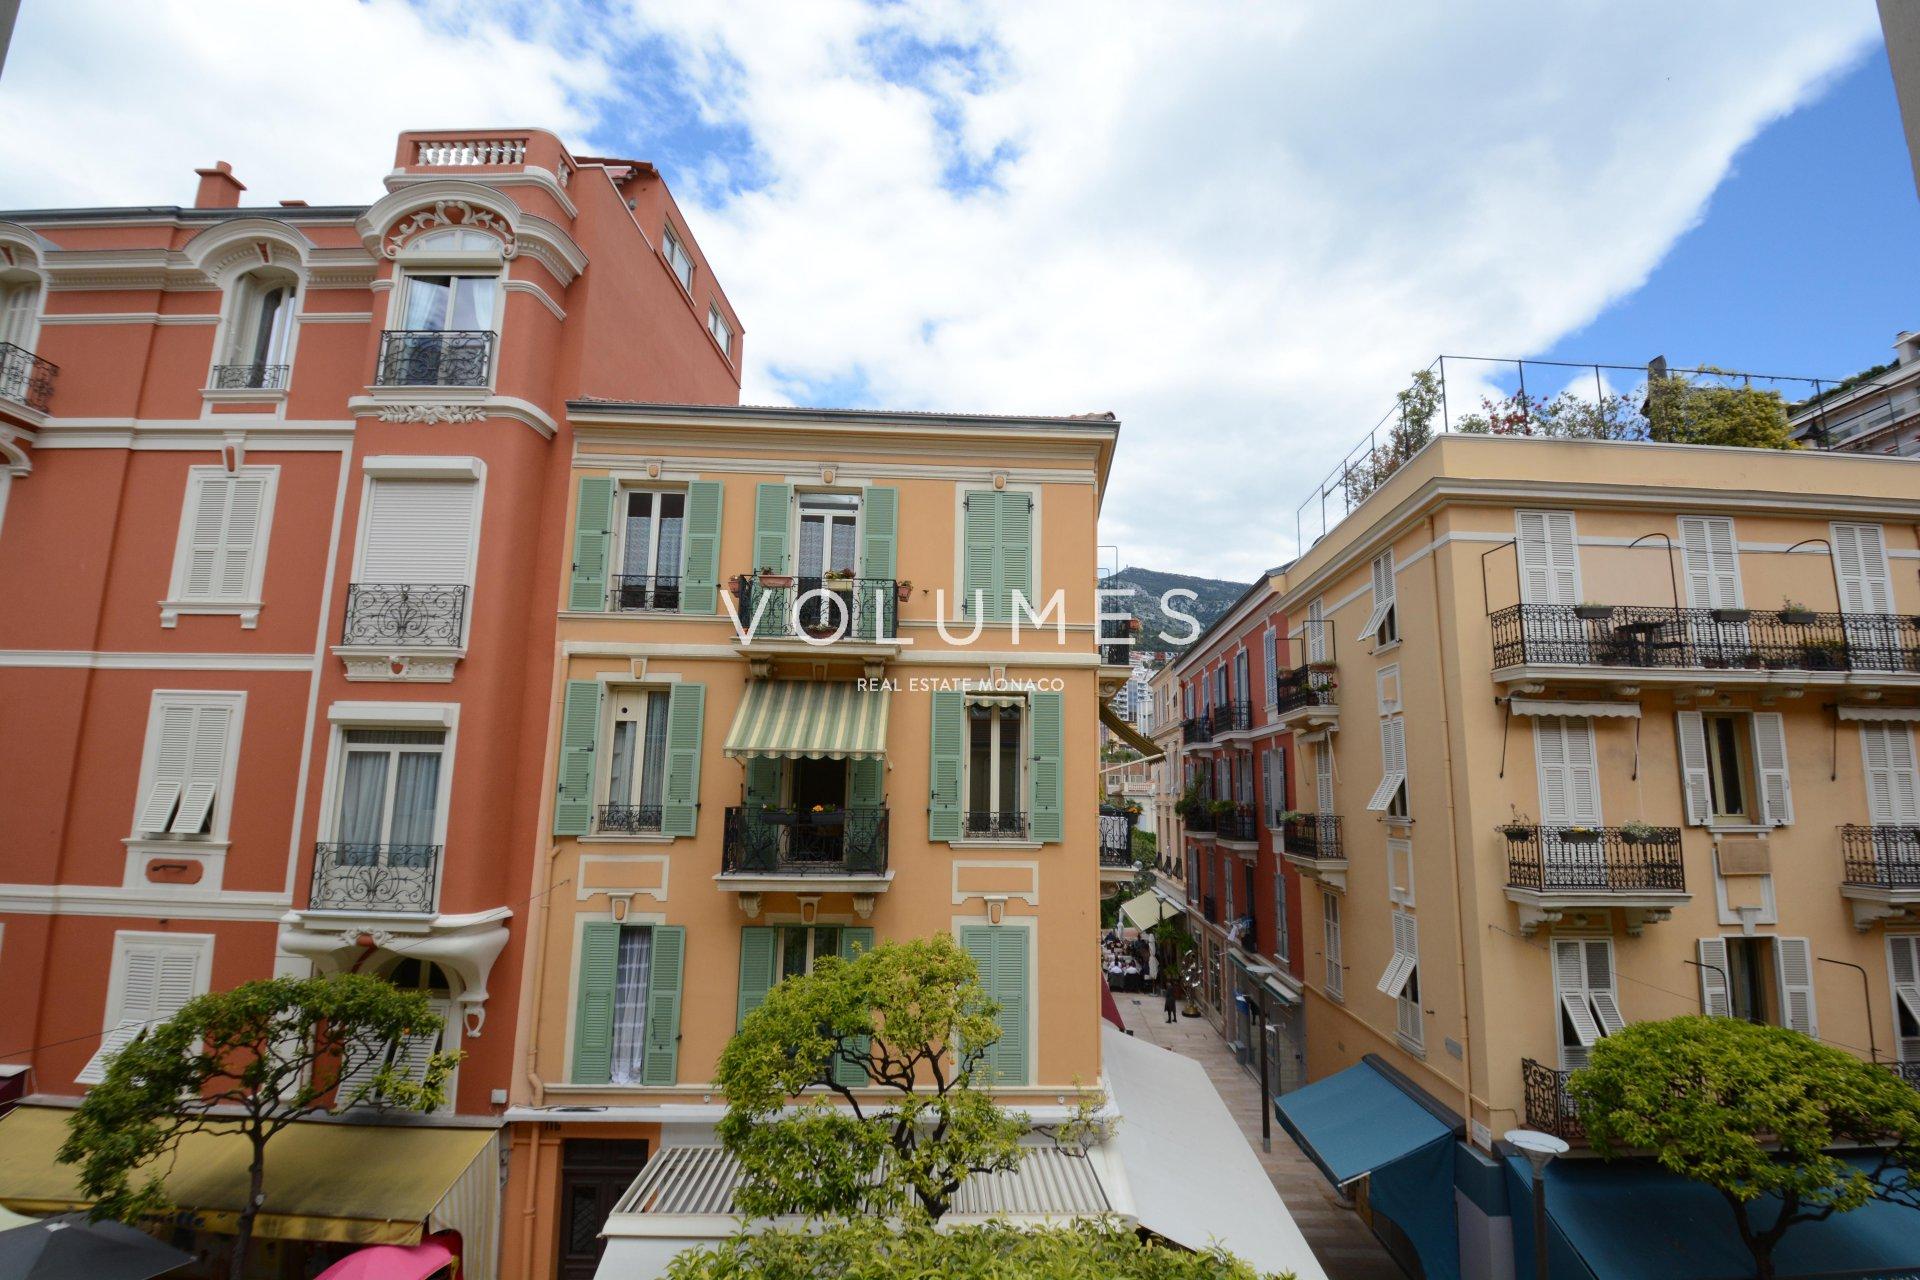 3 Pièces  - Loi 1235 - Rue Princesse CAROLINE